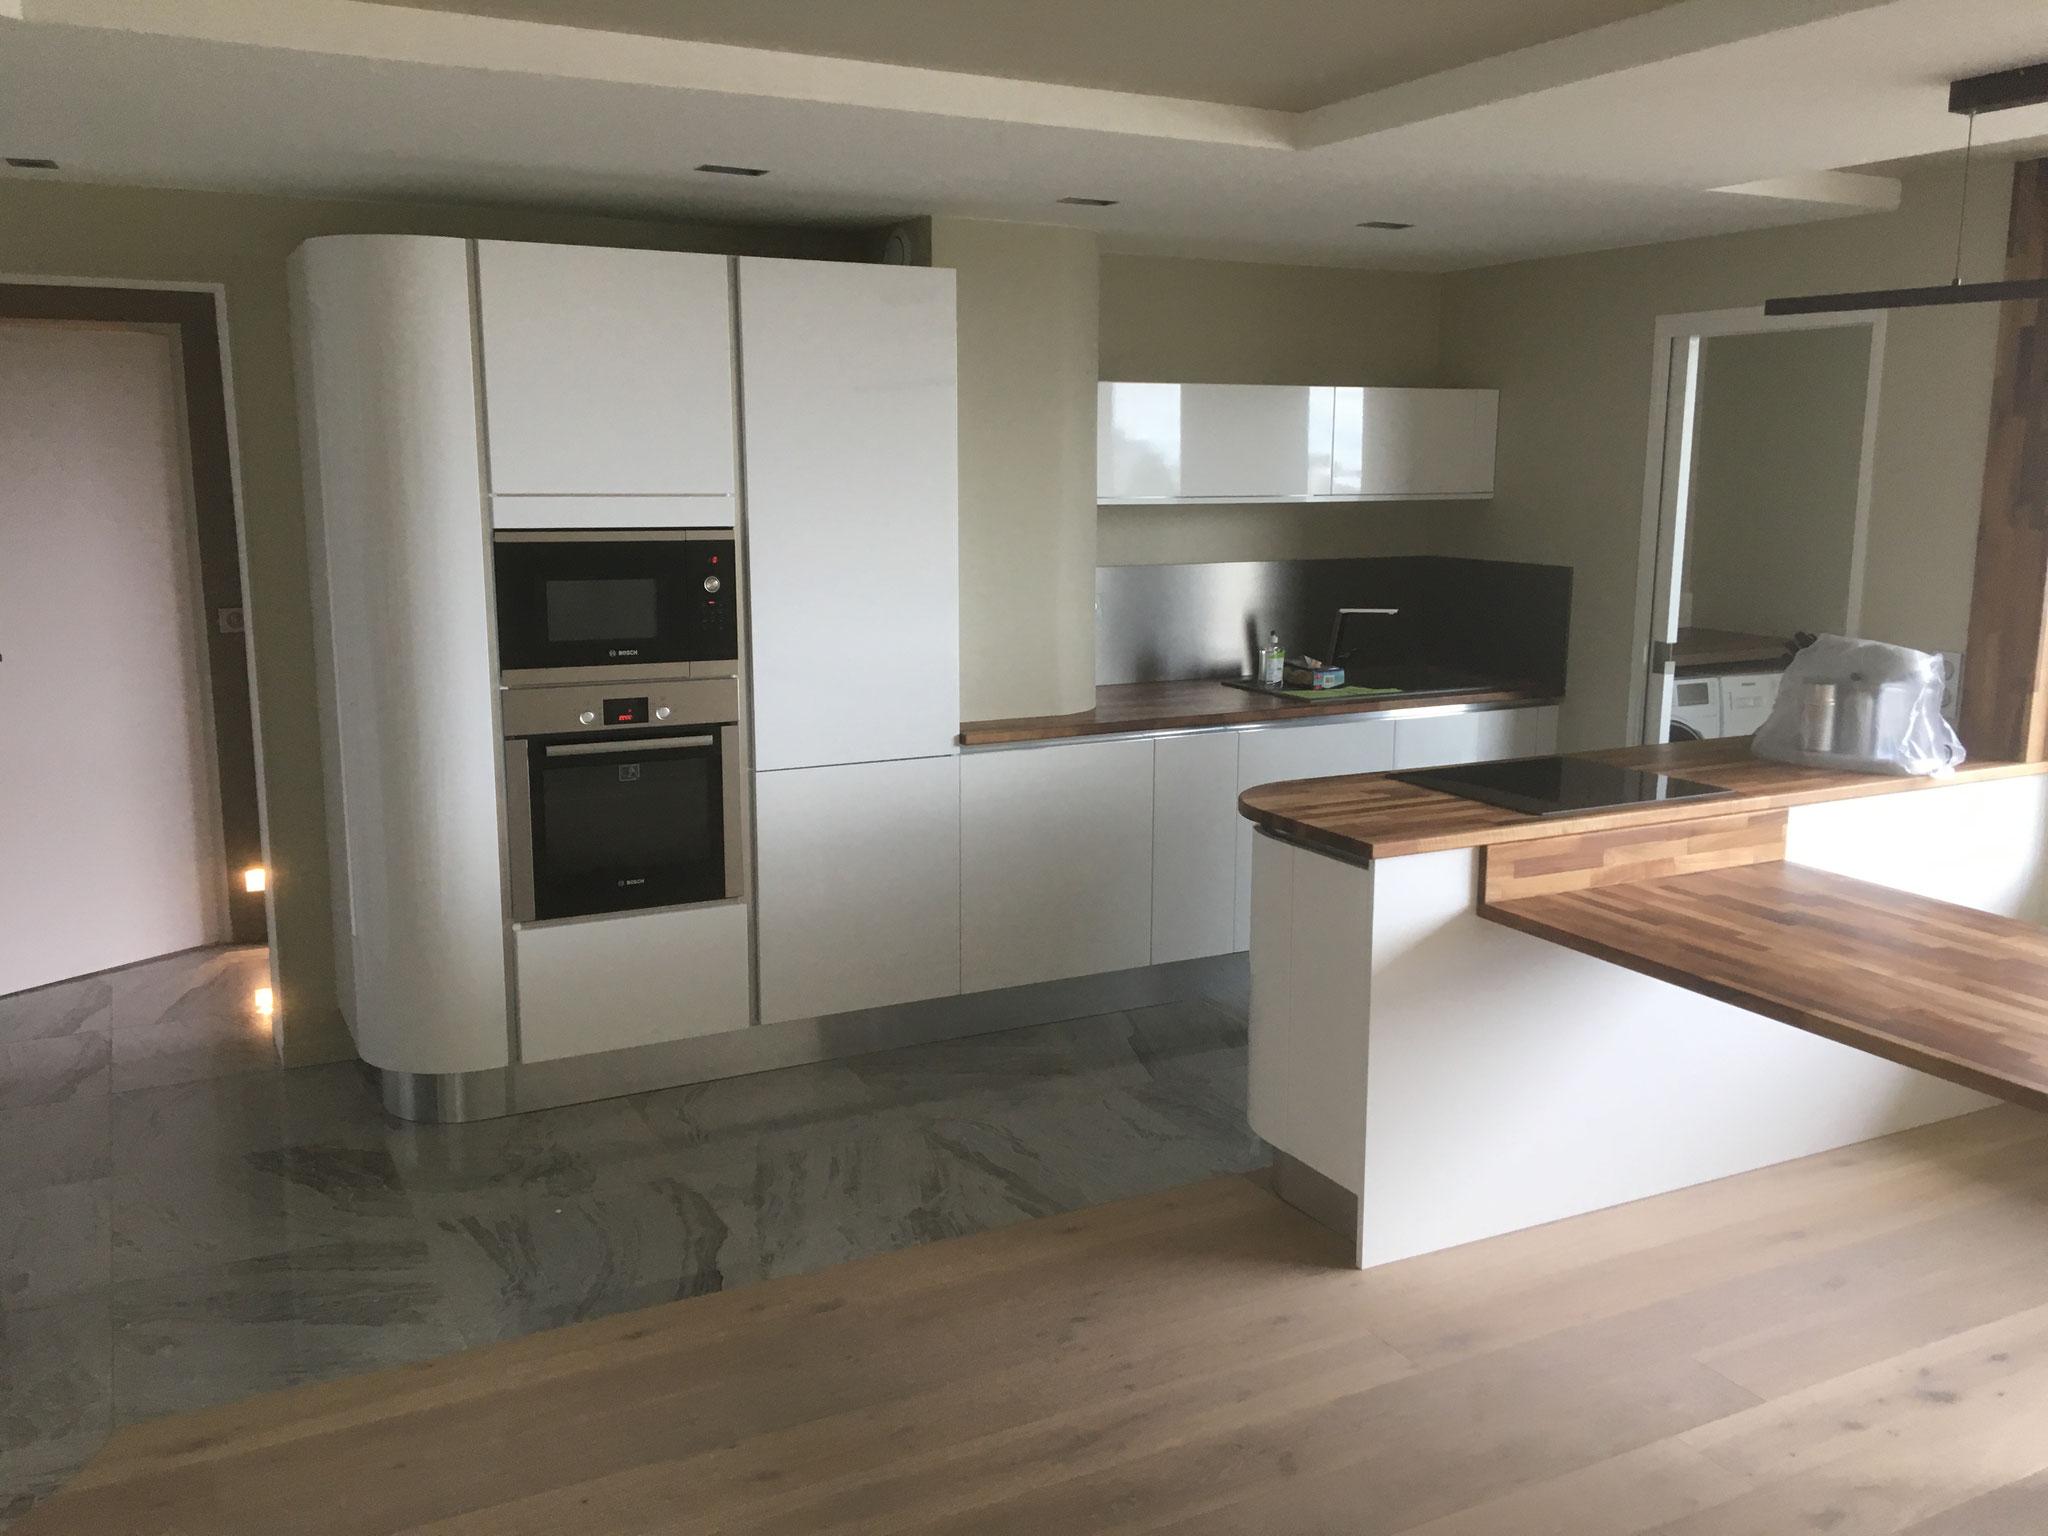 Rénovation  complète de la cuisine avec les travaux, cuisines cloet